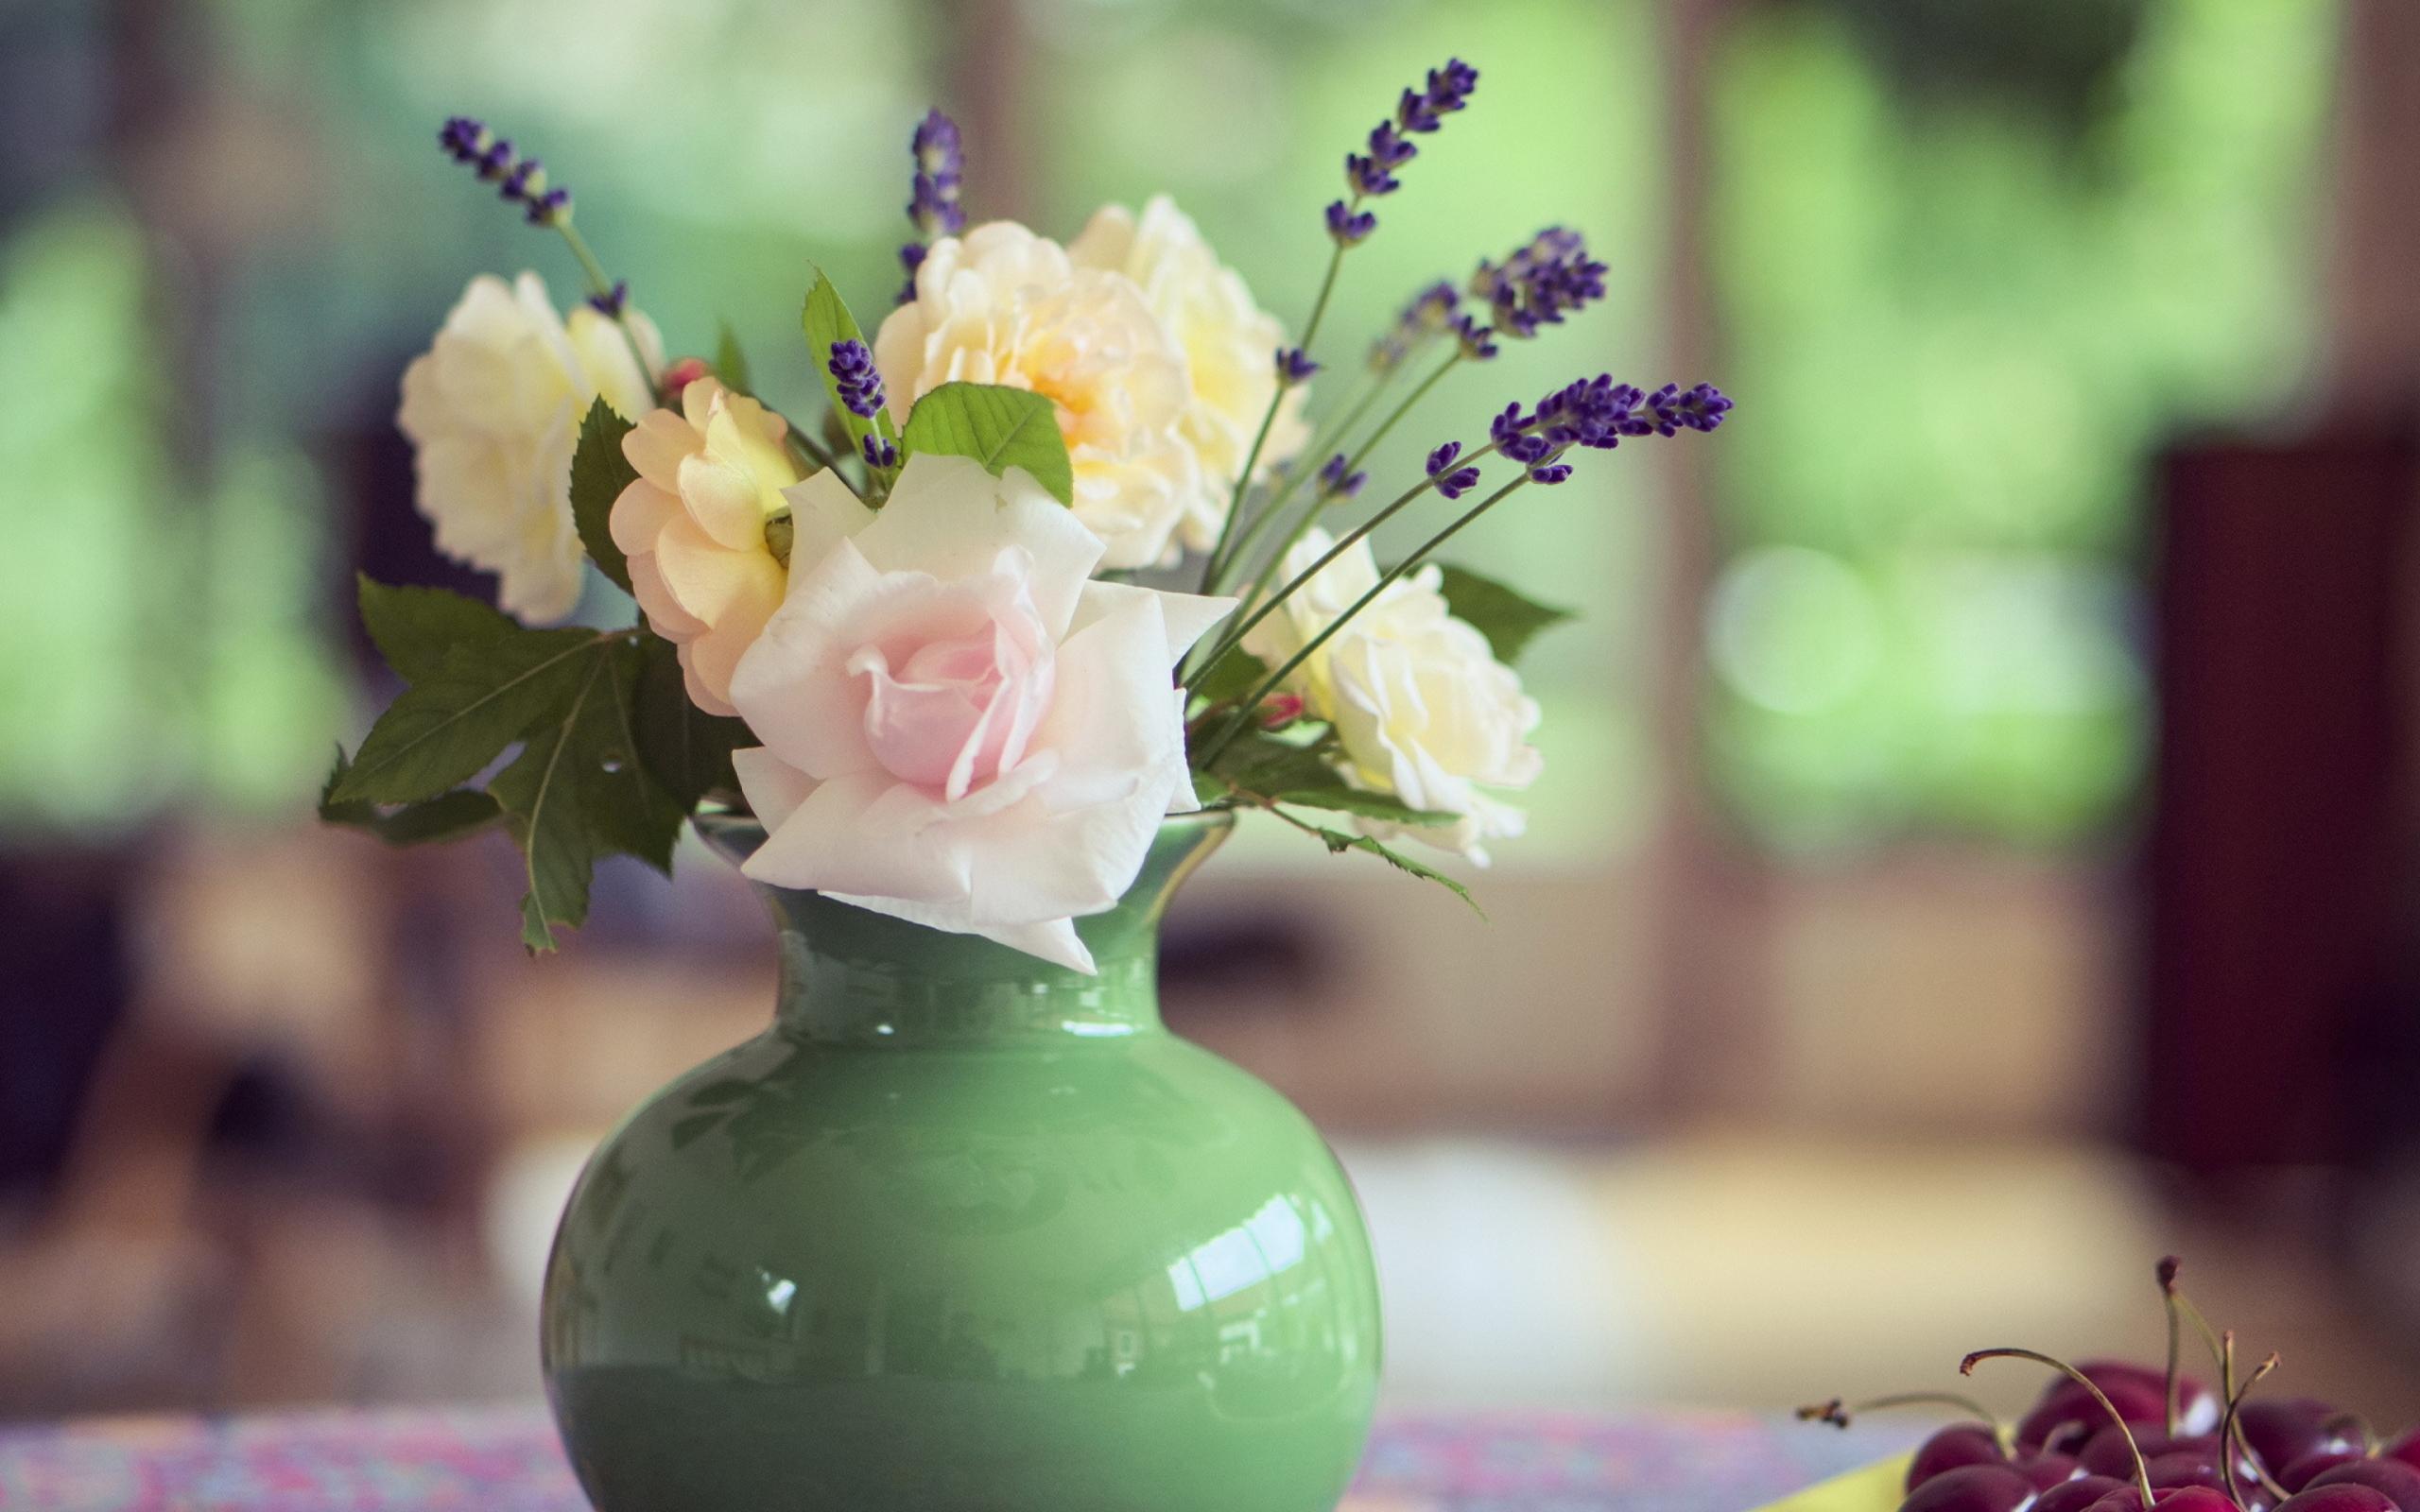 цветы ваза букет посуда flowers vase bouquet dishes  № 1733848 без смс